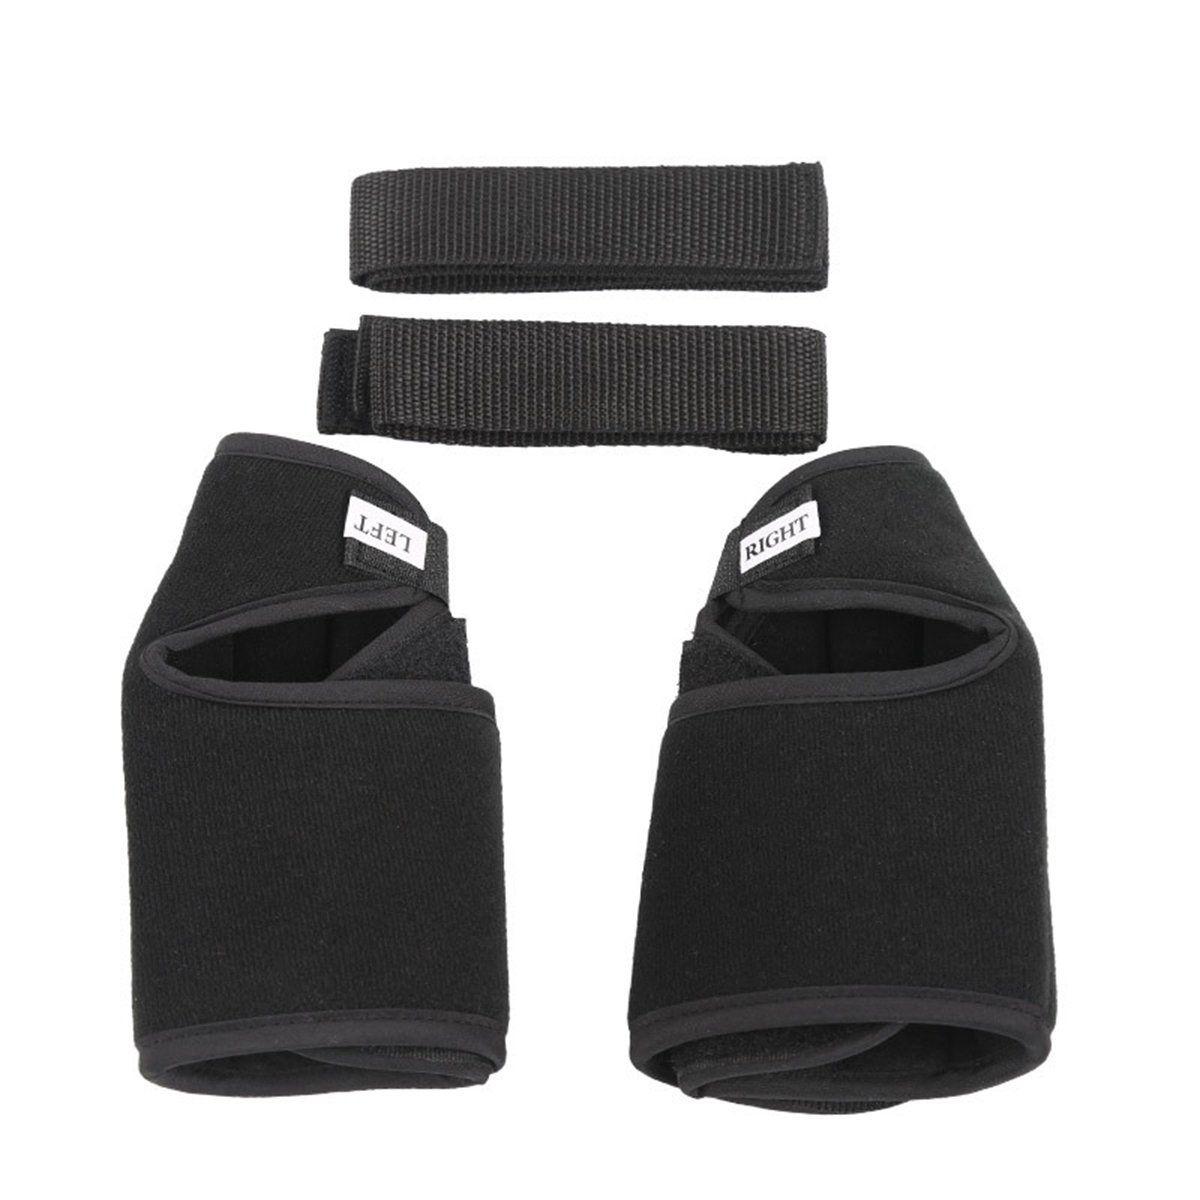 260 Valgus Corrector Adjustable Toe Bunion Splint Straightener Corrector Foot Pain Relief Hallux Valgus Corrector, Adjustable Toe Bunion